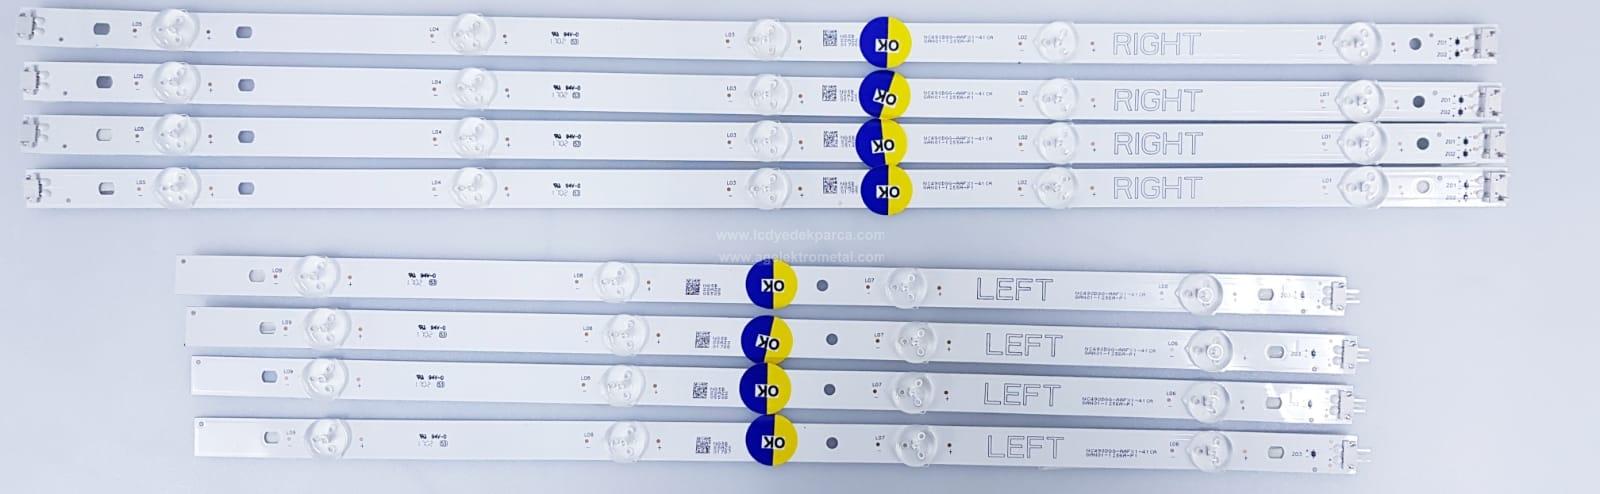 NC490DGG-AAFX1-41CA , GAN01-1255A-P1 , GAN01-1256A-P1 , LG , 49UJ630 , NC490DGG , 8 ADET LED ÇUBUK